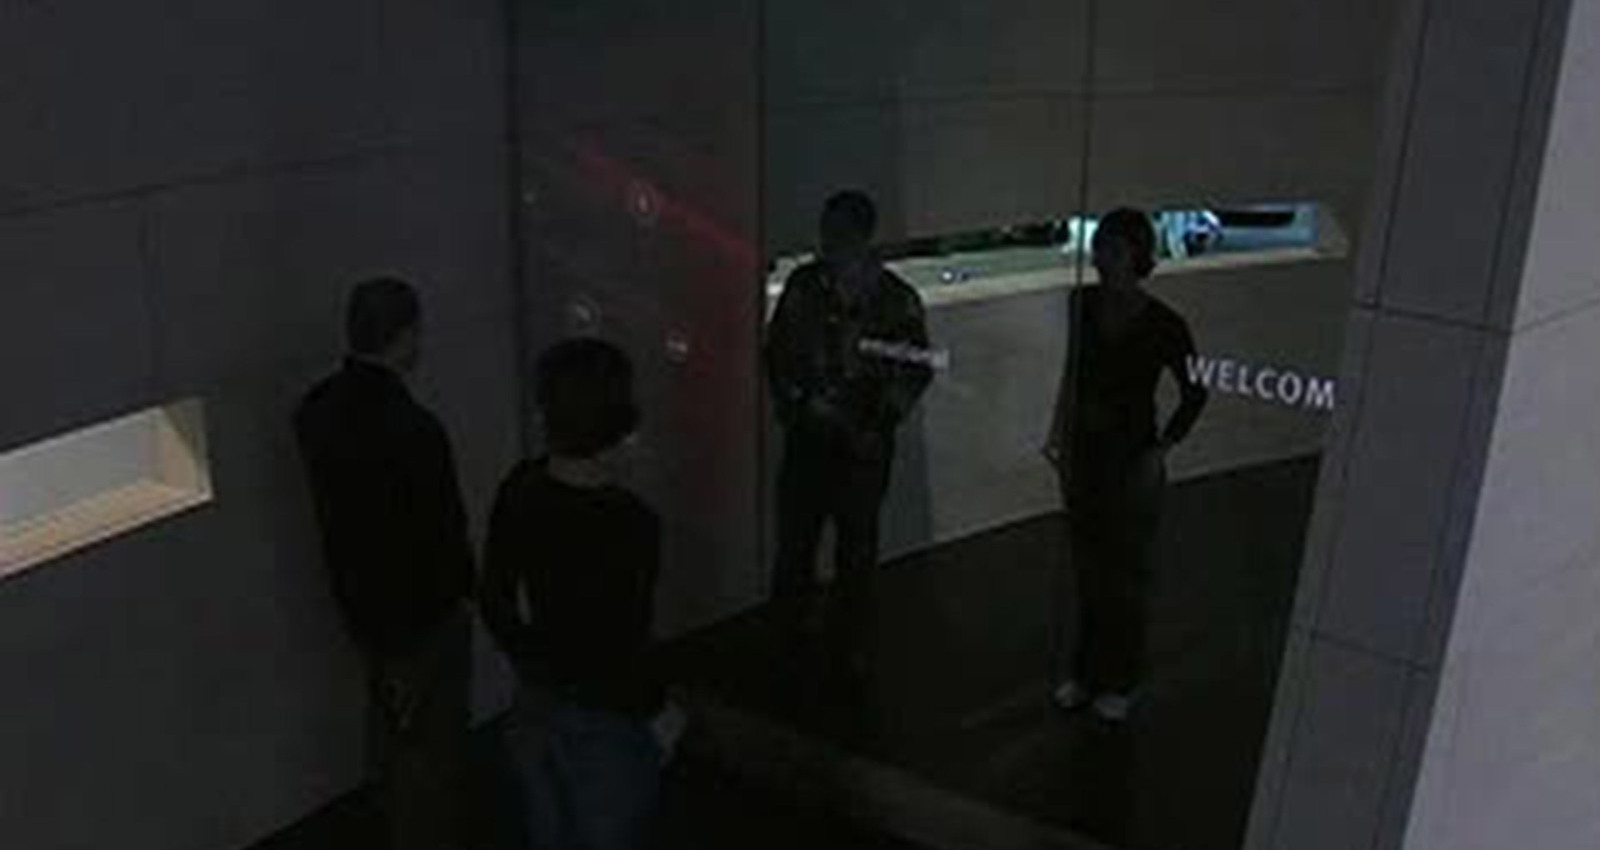 Infiniti Interactive Mirrors